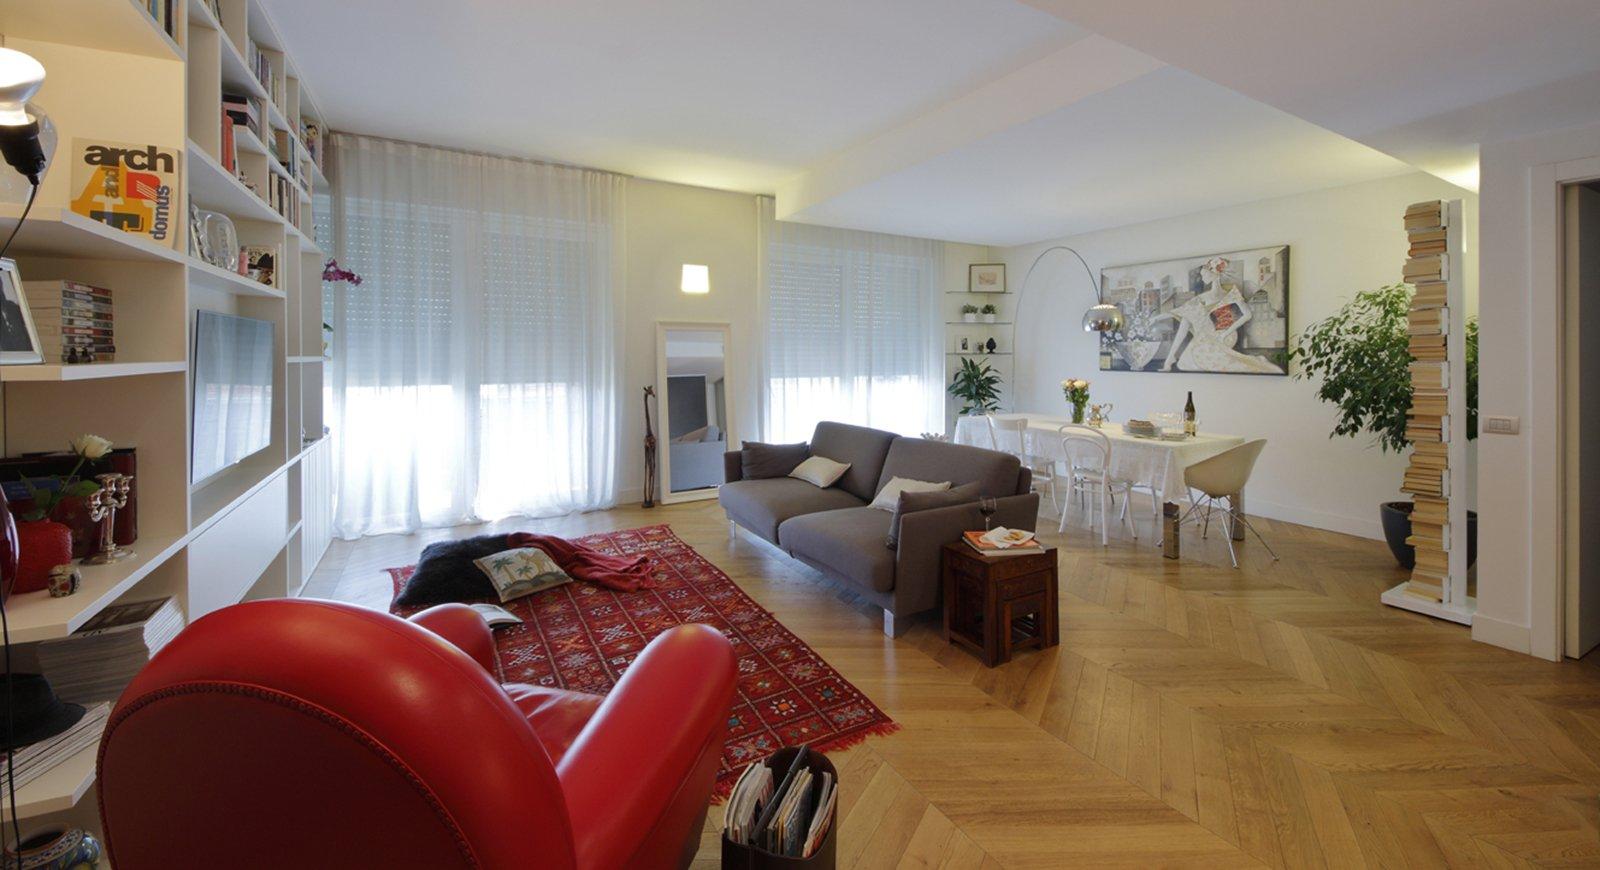 Mq soggiorno doppio e cucina separata per la casa con bagno e